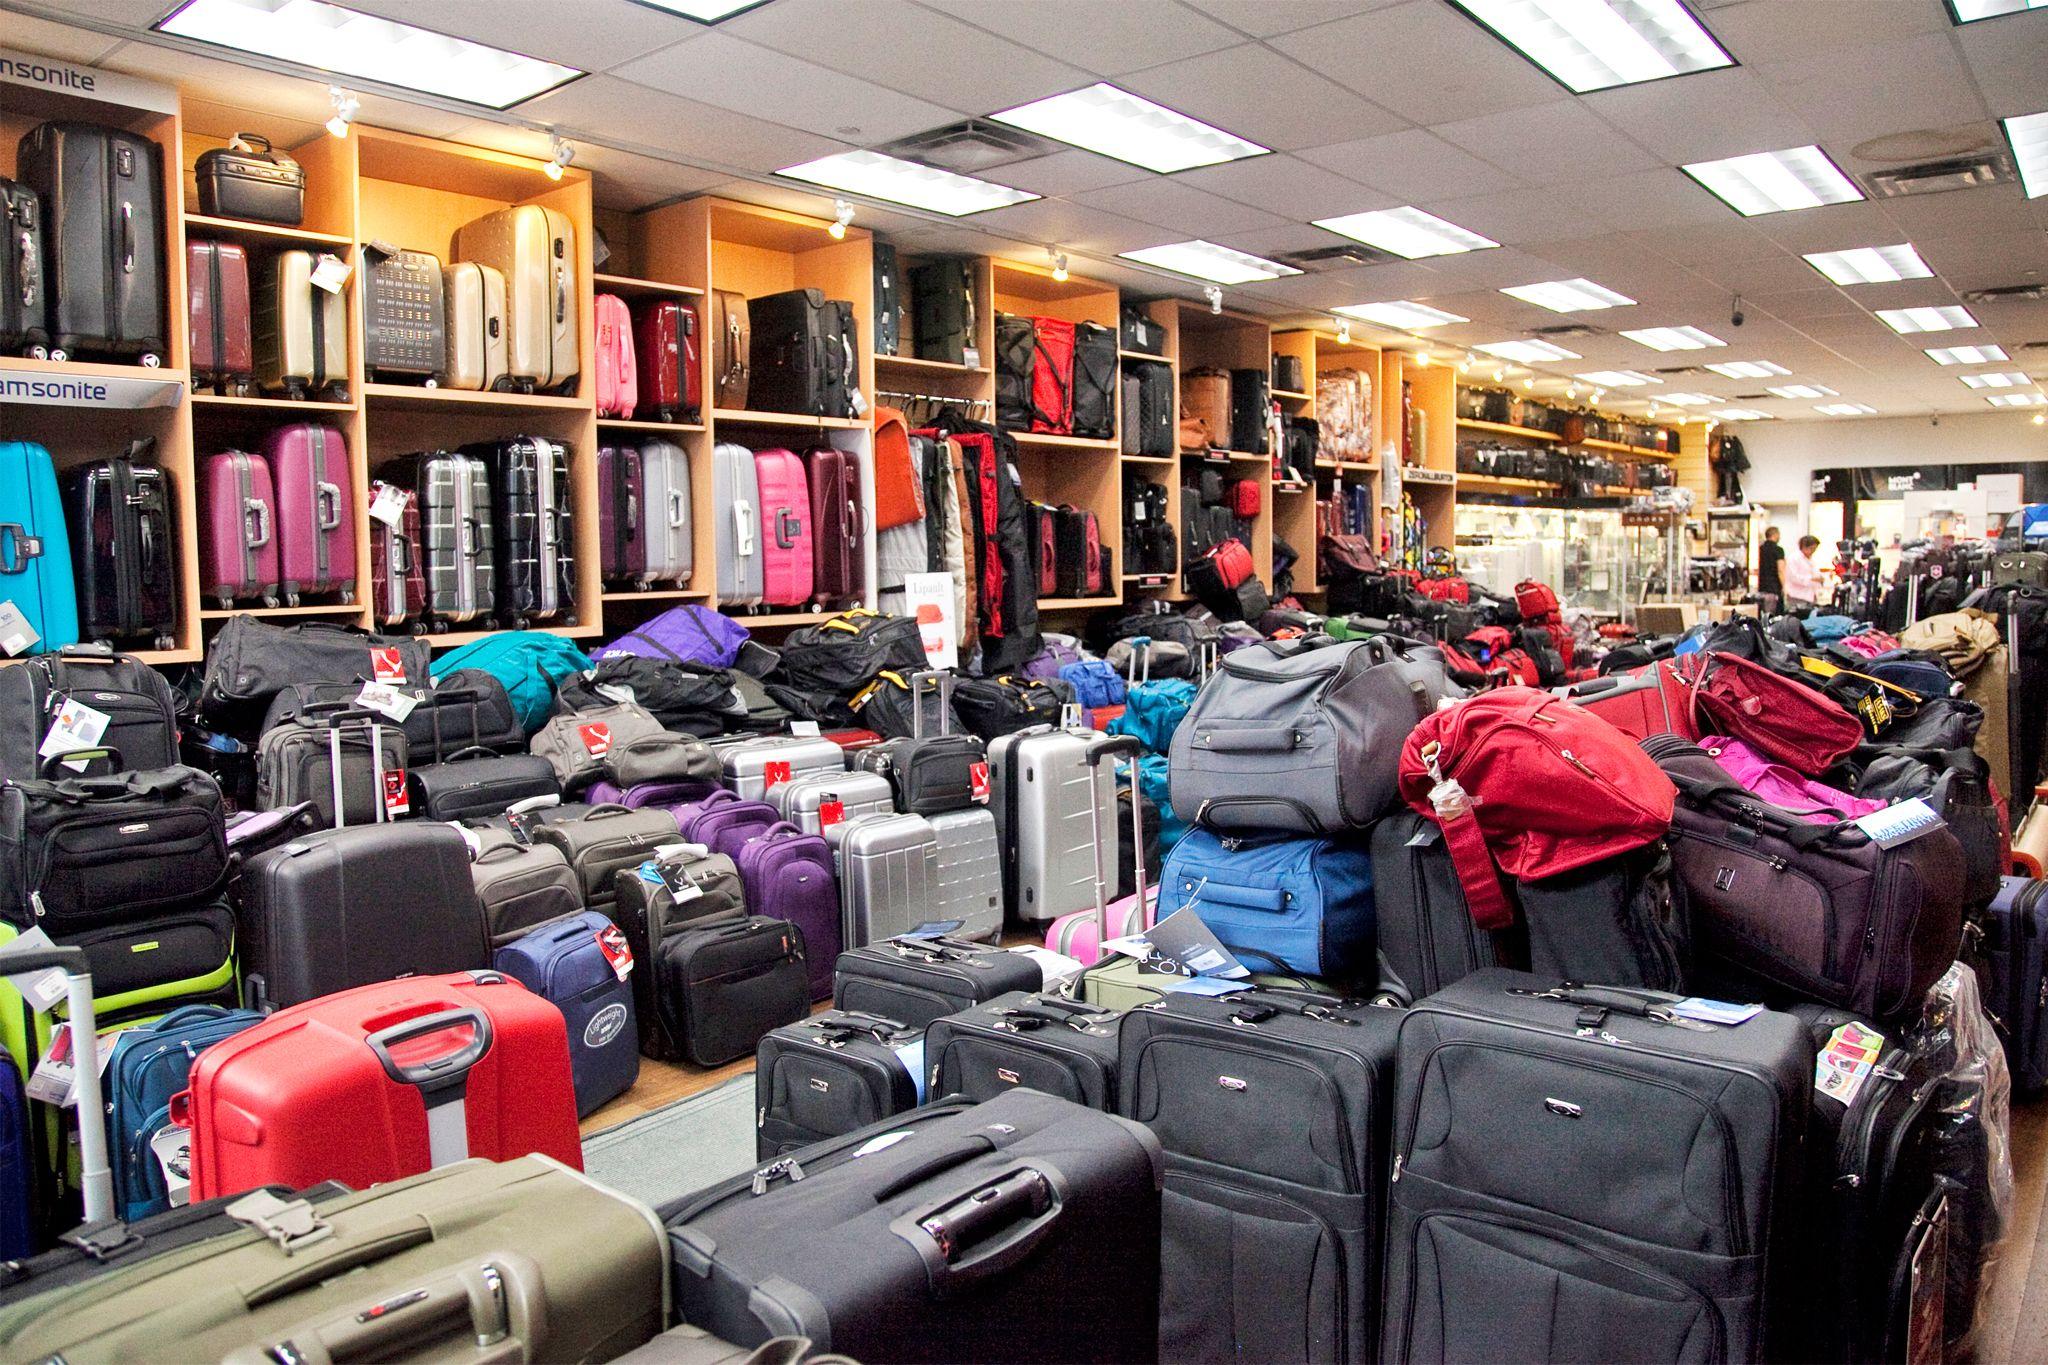 17 parasta ideaa: Luggage Store Pinterestissä | Virkatut laukut ja ...